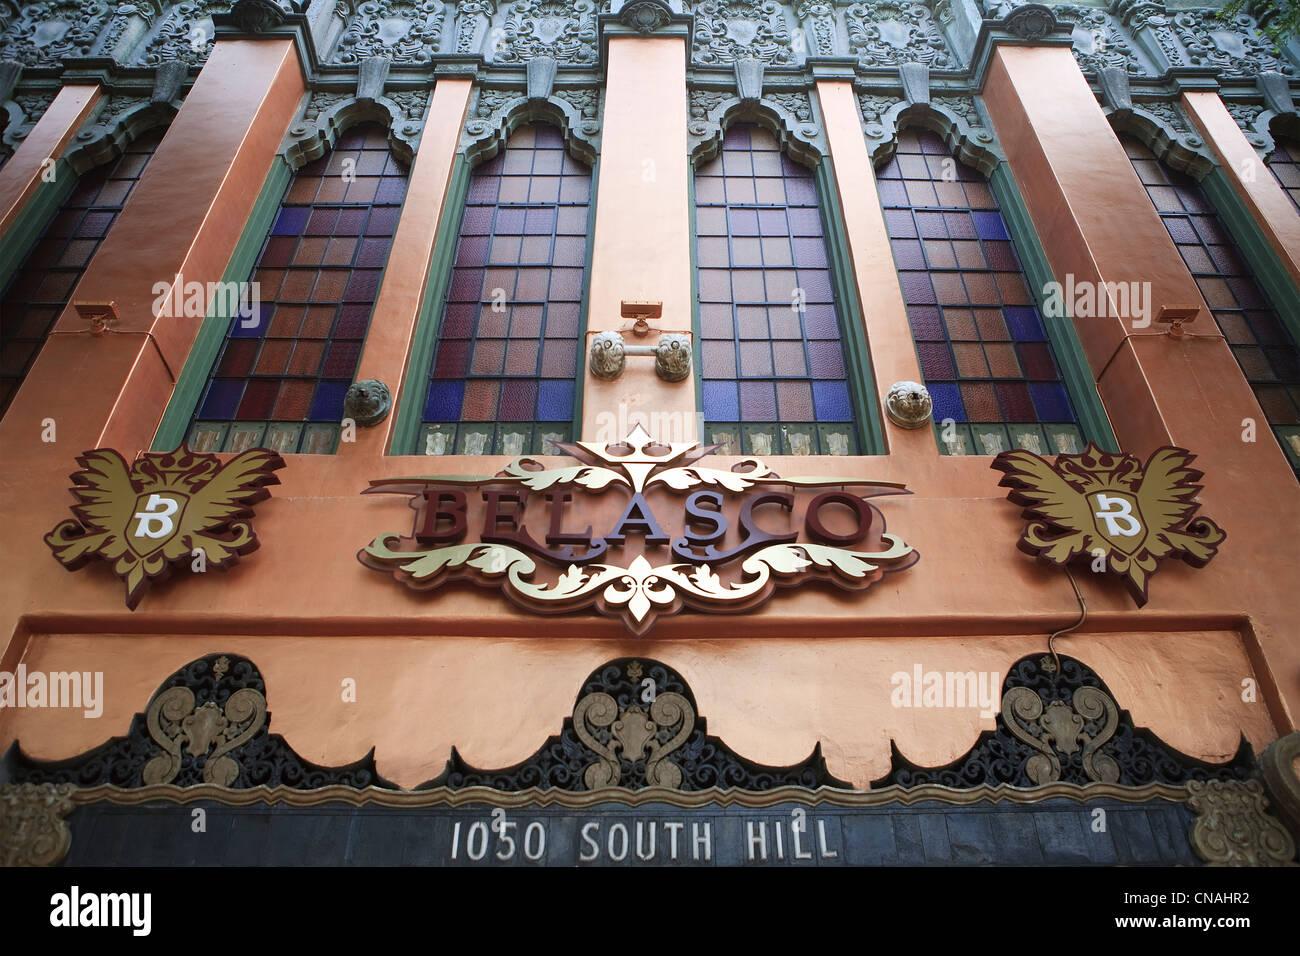 Estados Unidos, California, Los Angeles, en el centro de la ciudad, la fachada del Teatro Belasco construido a comienzos Foto de stock